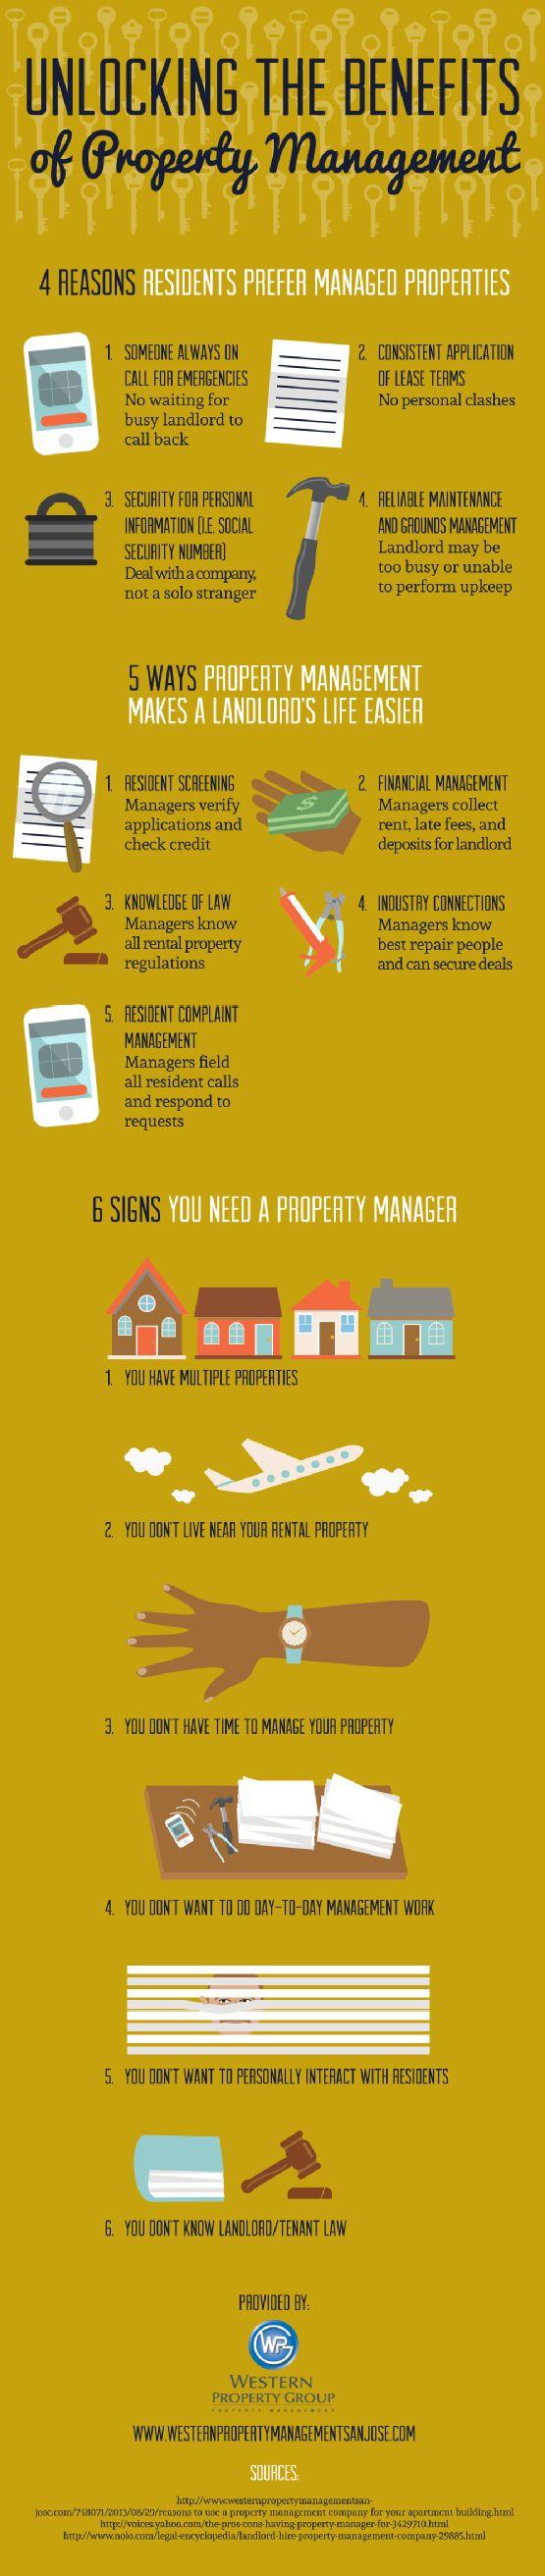 Ho home property management gosford - 5 Ways Property Management Makes A Landlord S Life Easier Landlordstation Com